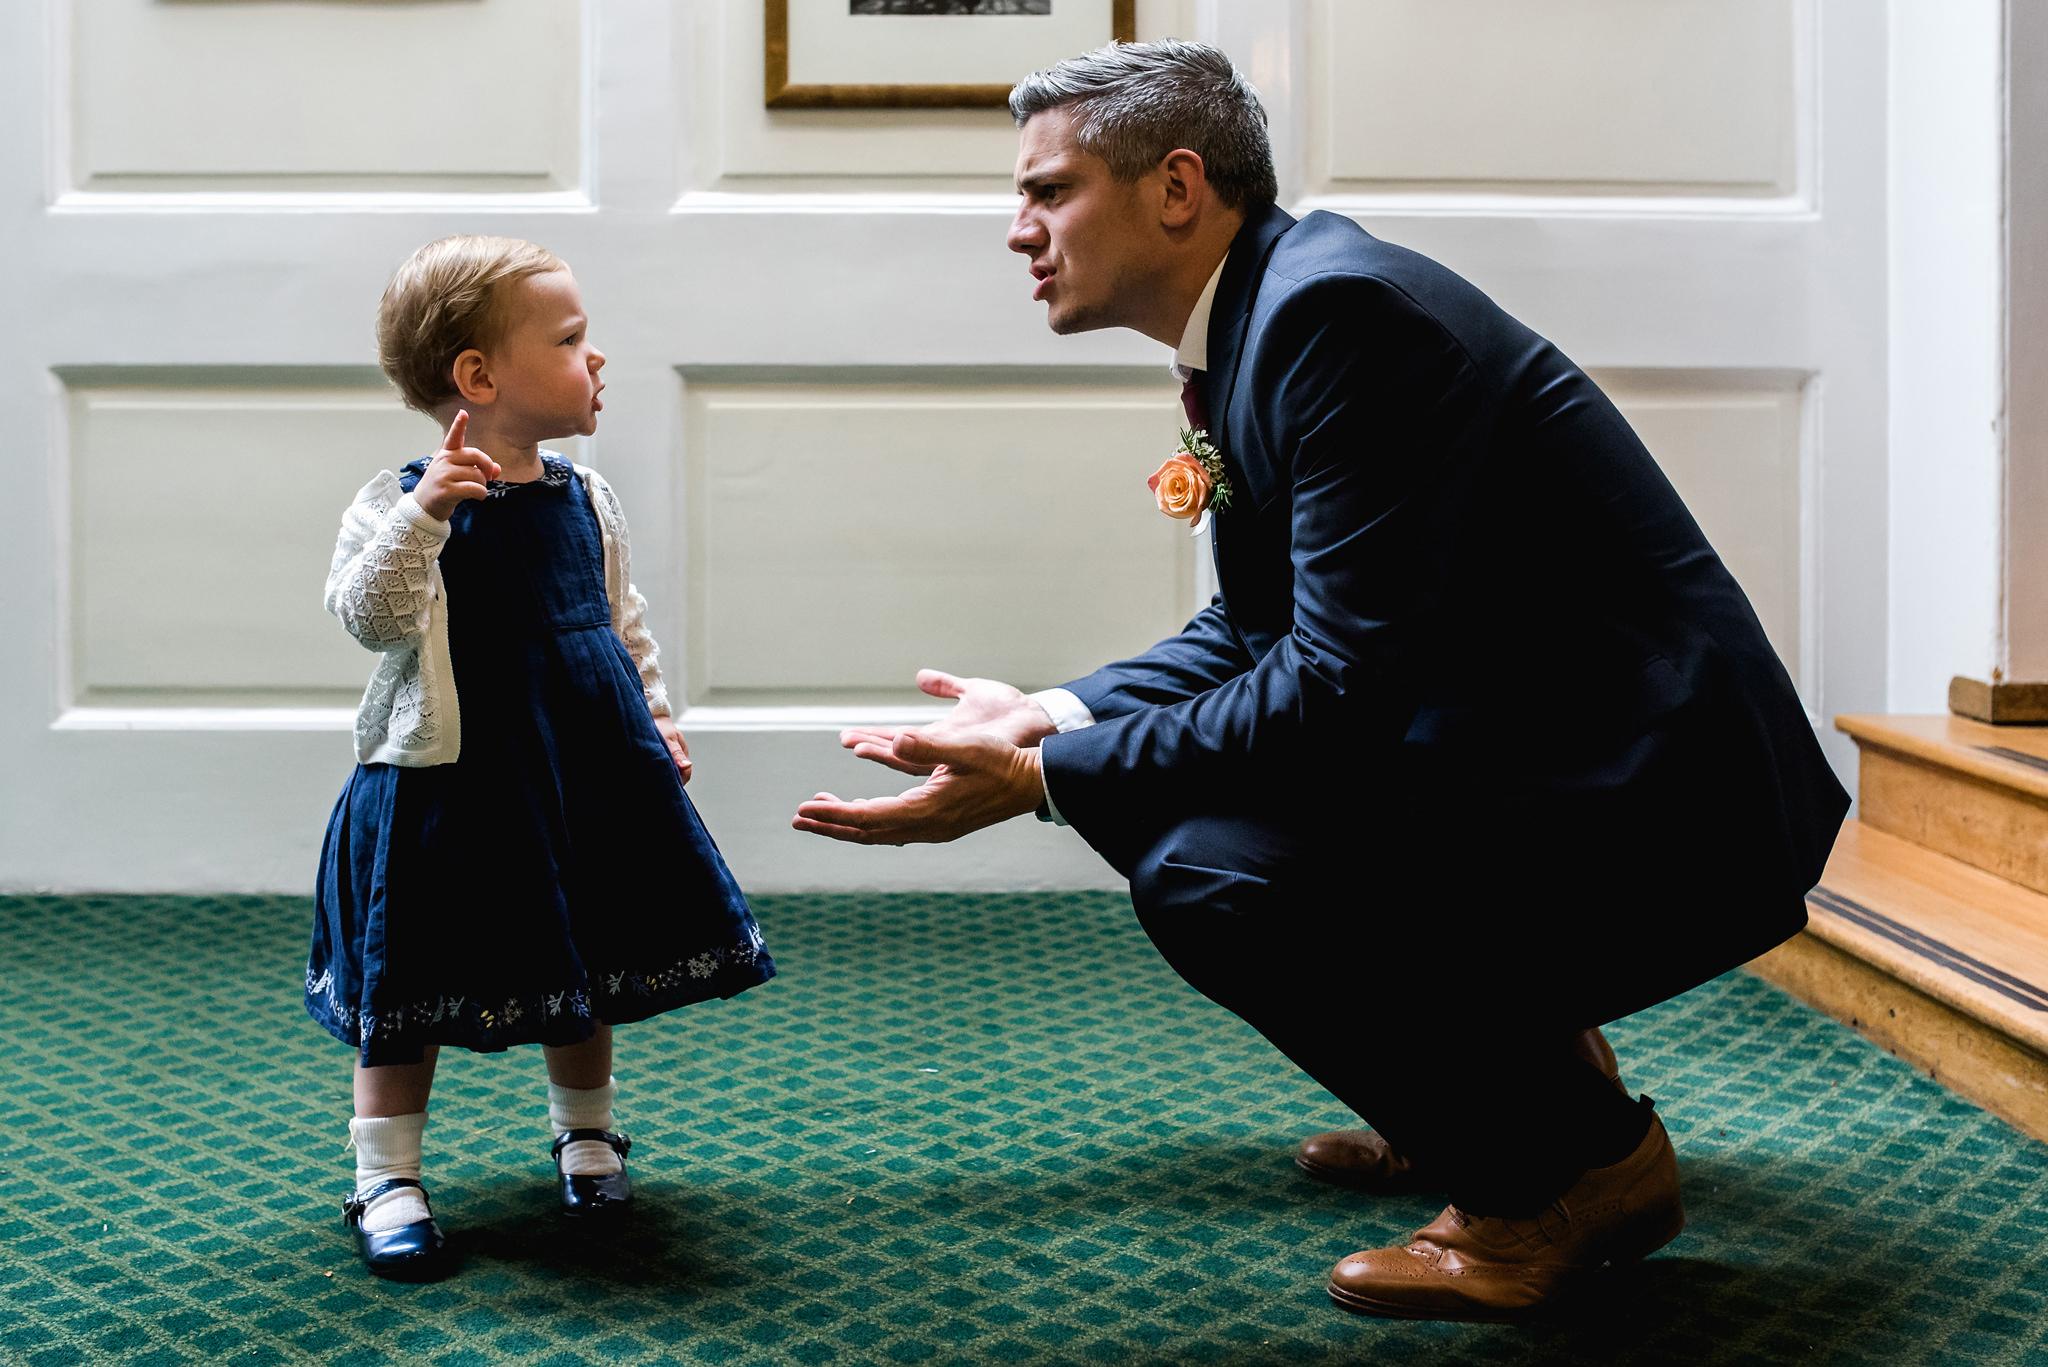 featured-daddy-debates-with-toddler-rich-howman-worlds-best-wedding-photos